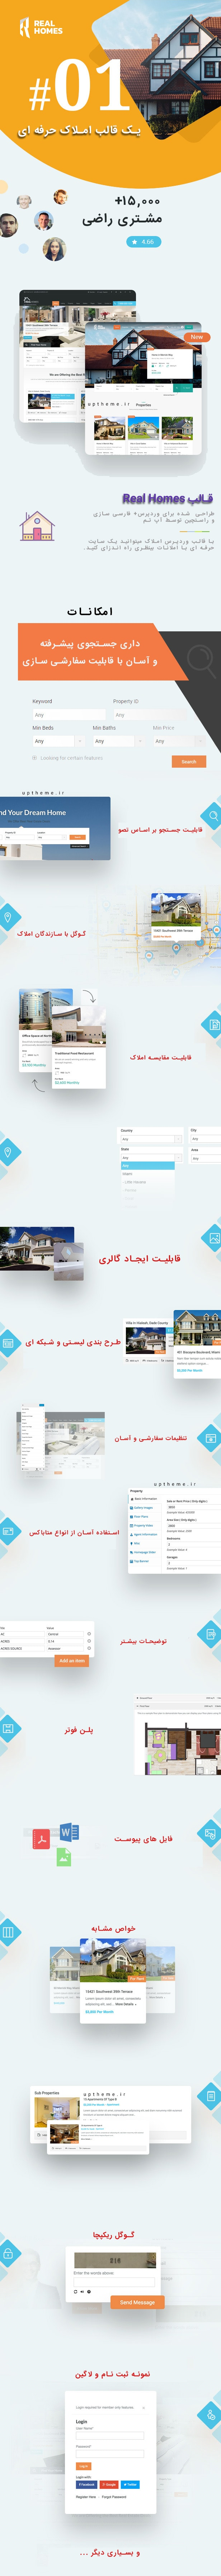 قالب وردپرس املاک ریل هوم Real Homes